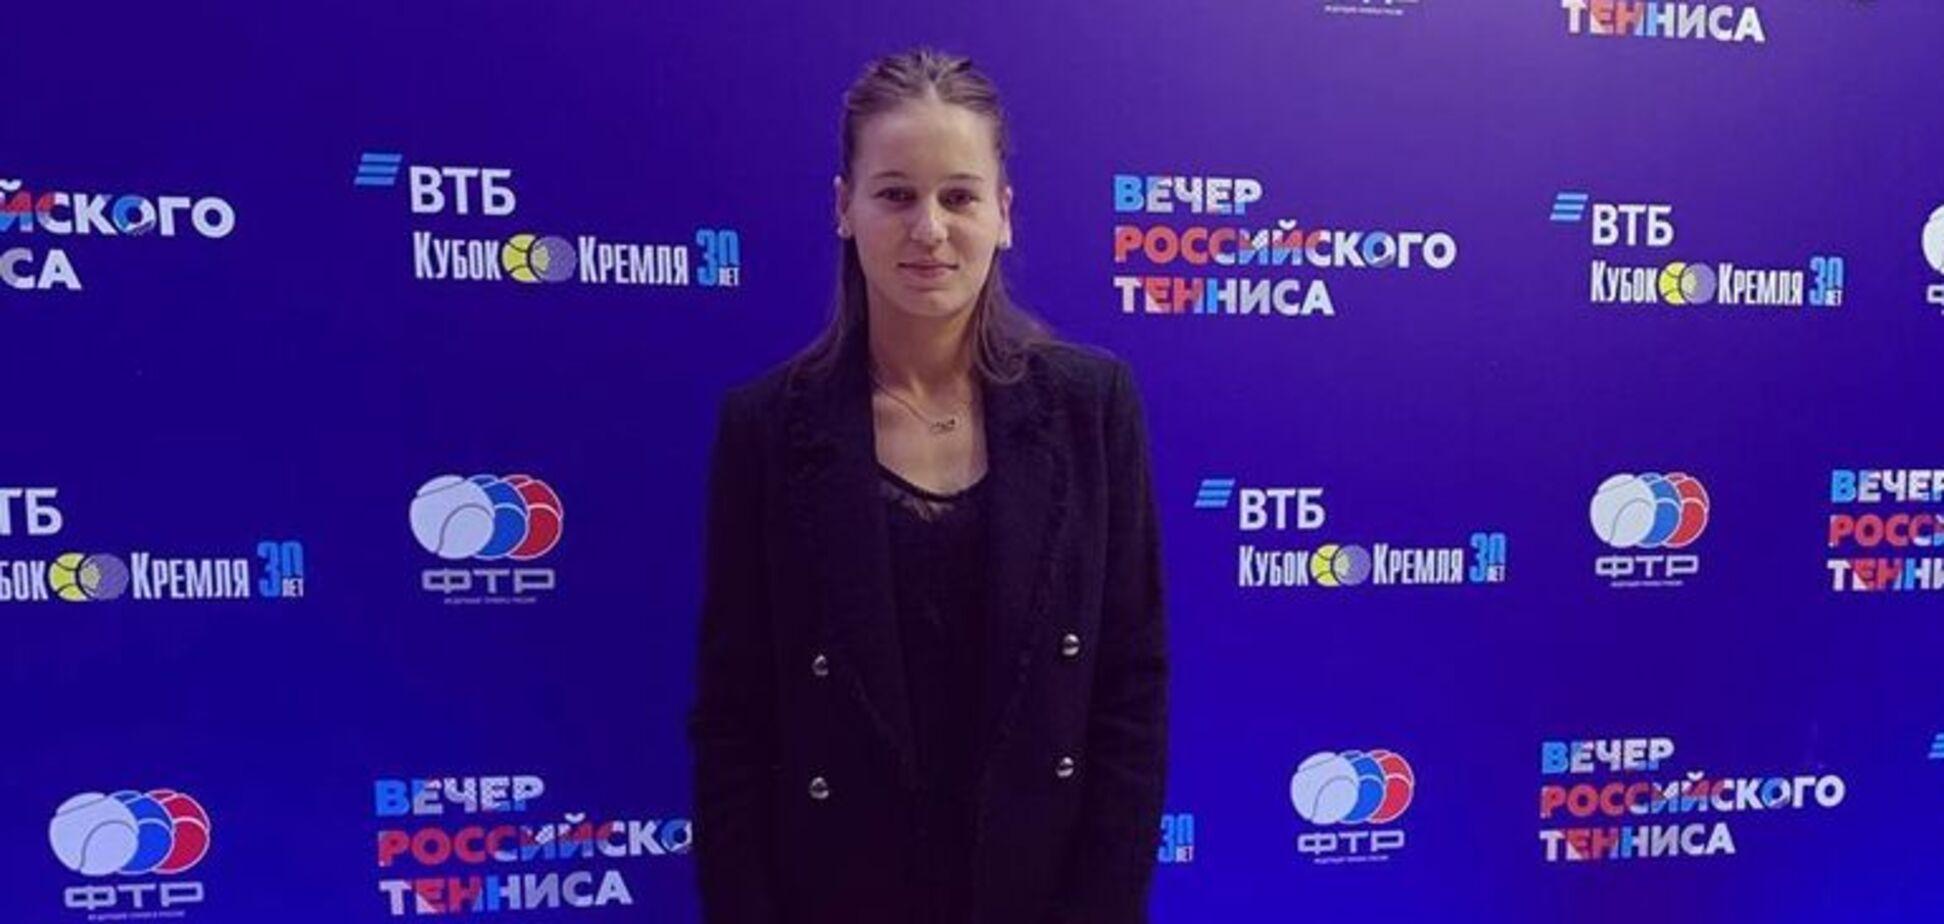 'Смотрю с опаской': обидчица Свитолиной рассказала о 'плохих новостях и негативе' от Украины